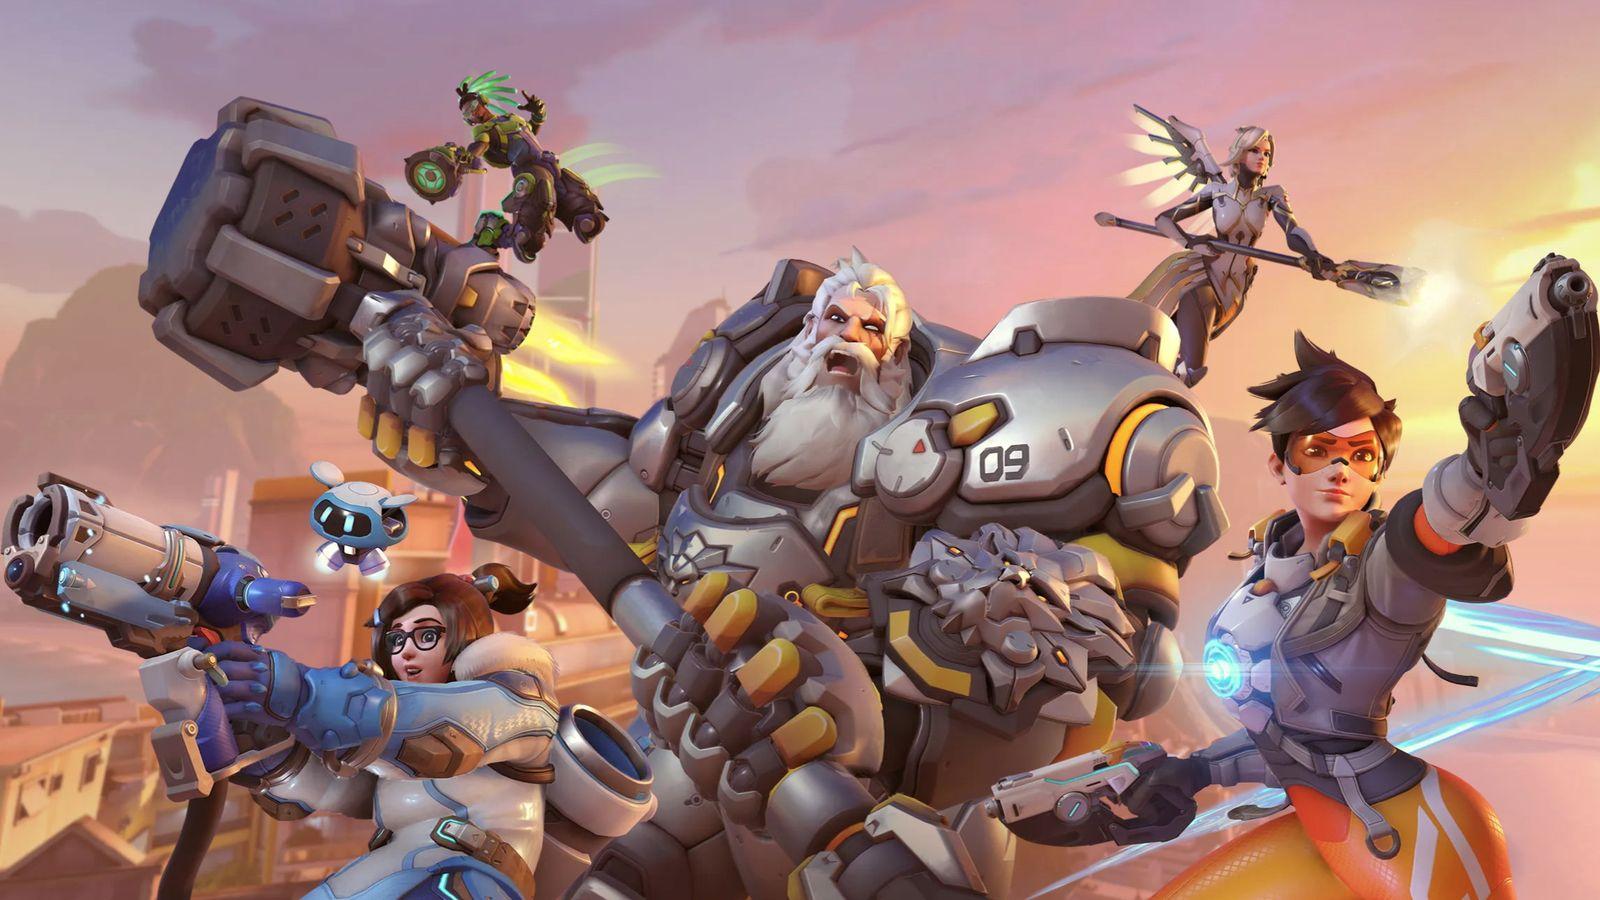 Руководитель разработки Overwatch 2 объяснил различия между оригинальной игрой и сиквелом